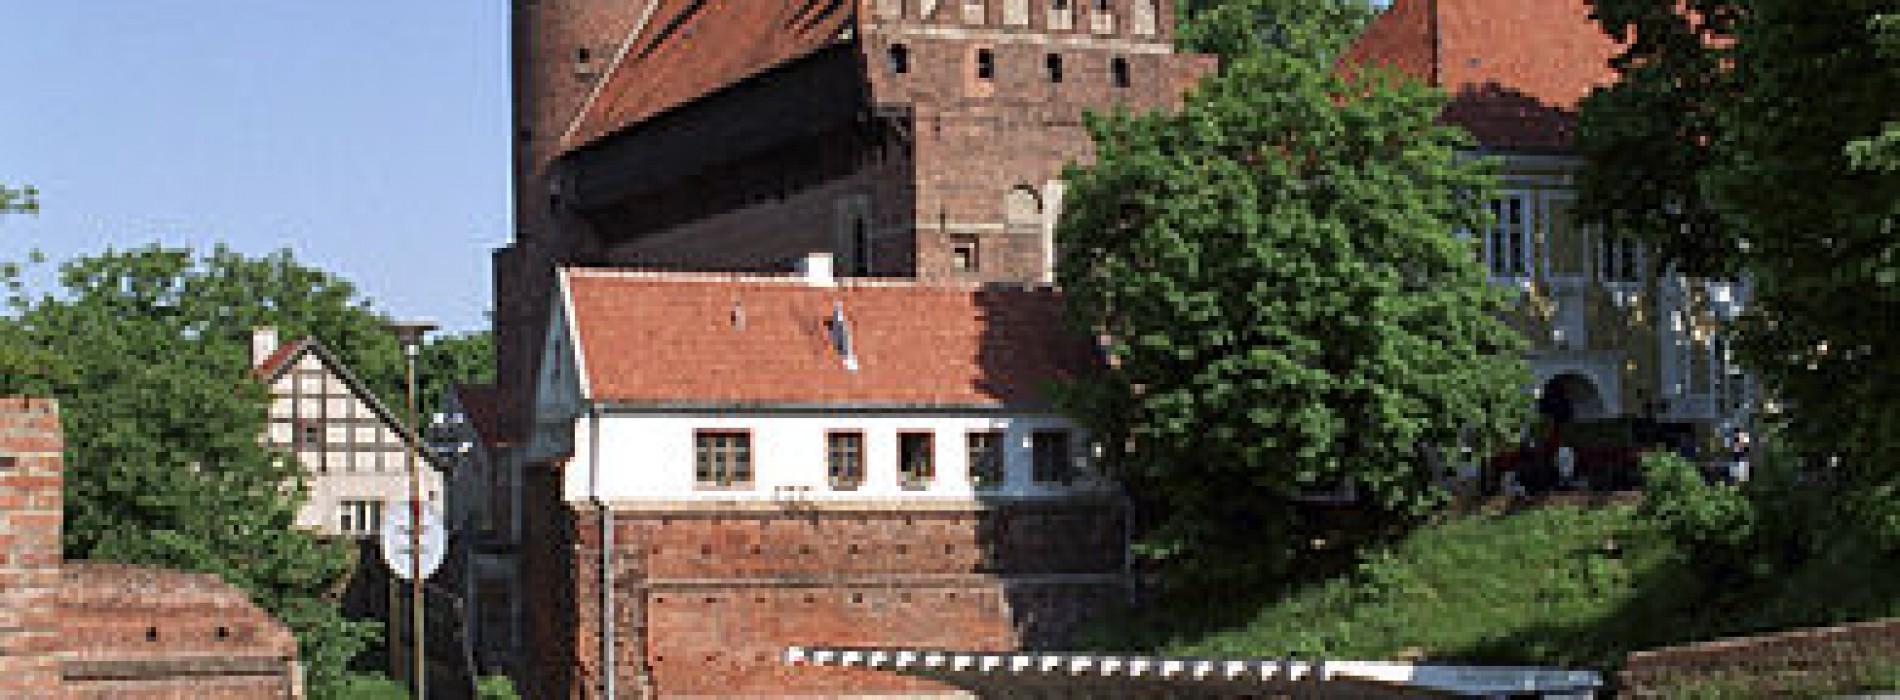 Izba celna przekazała dwie ikony do Muzeum Warmii i Mazur